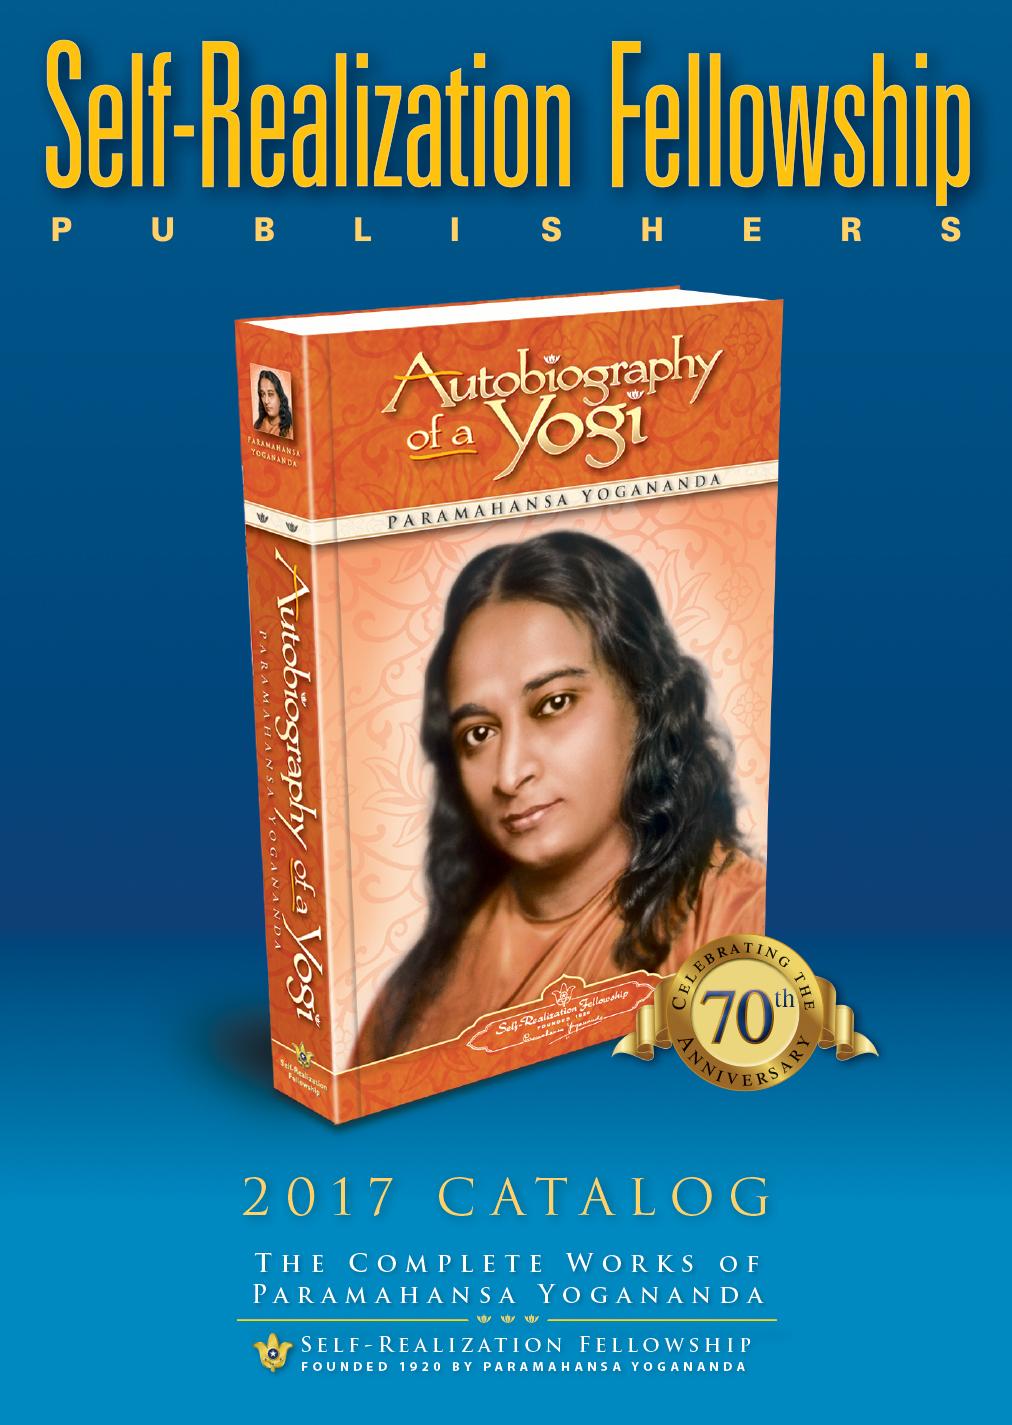 2017 Trade Catalog cover